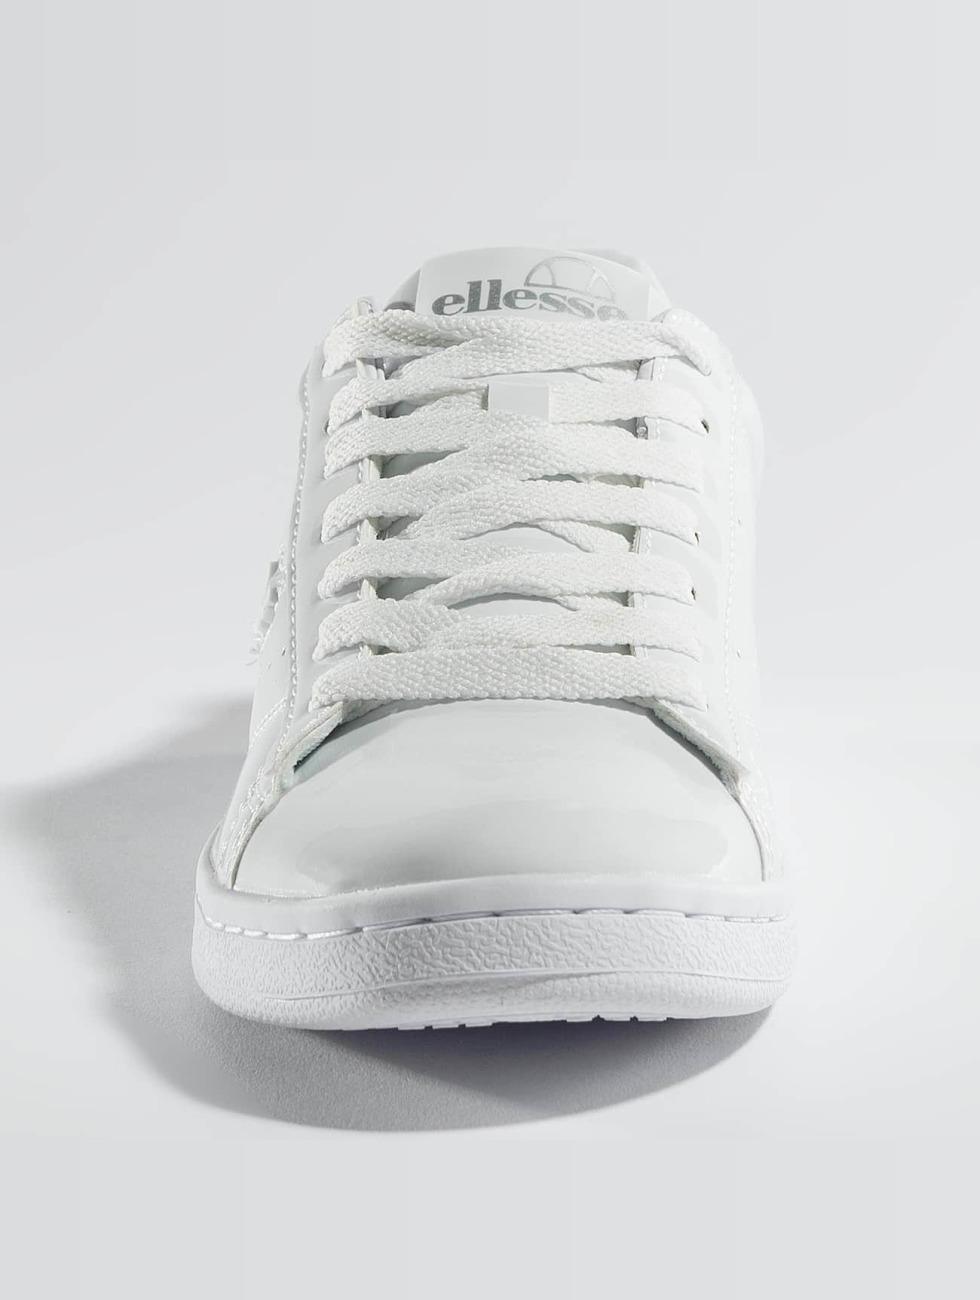 Ellesse Sneakers Heritage Anzia Metallic white